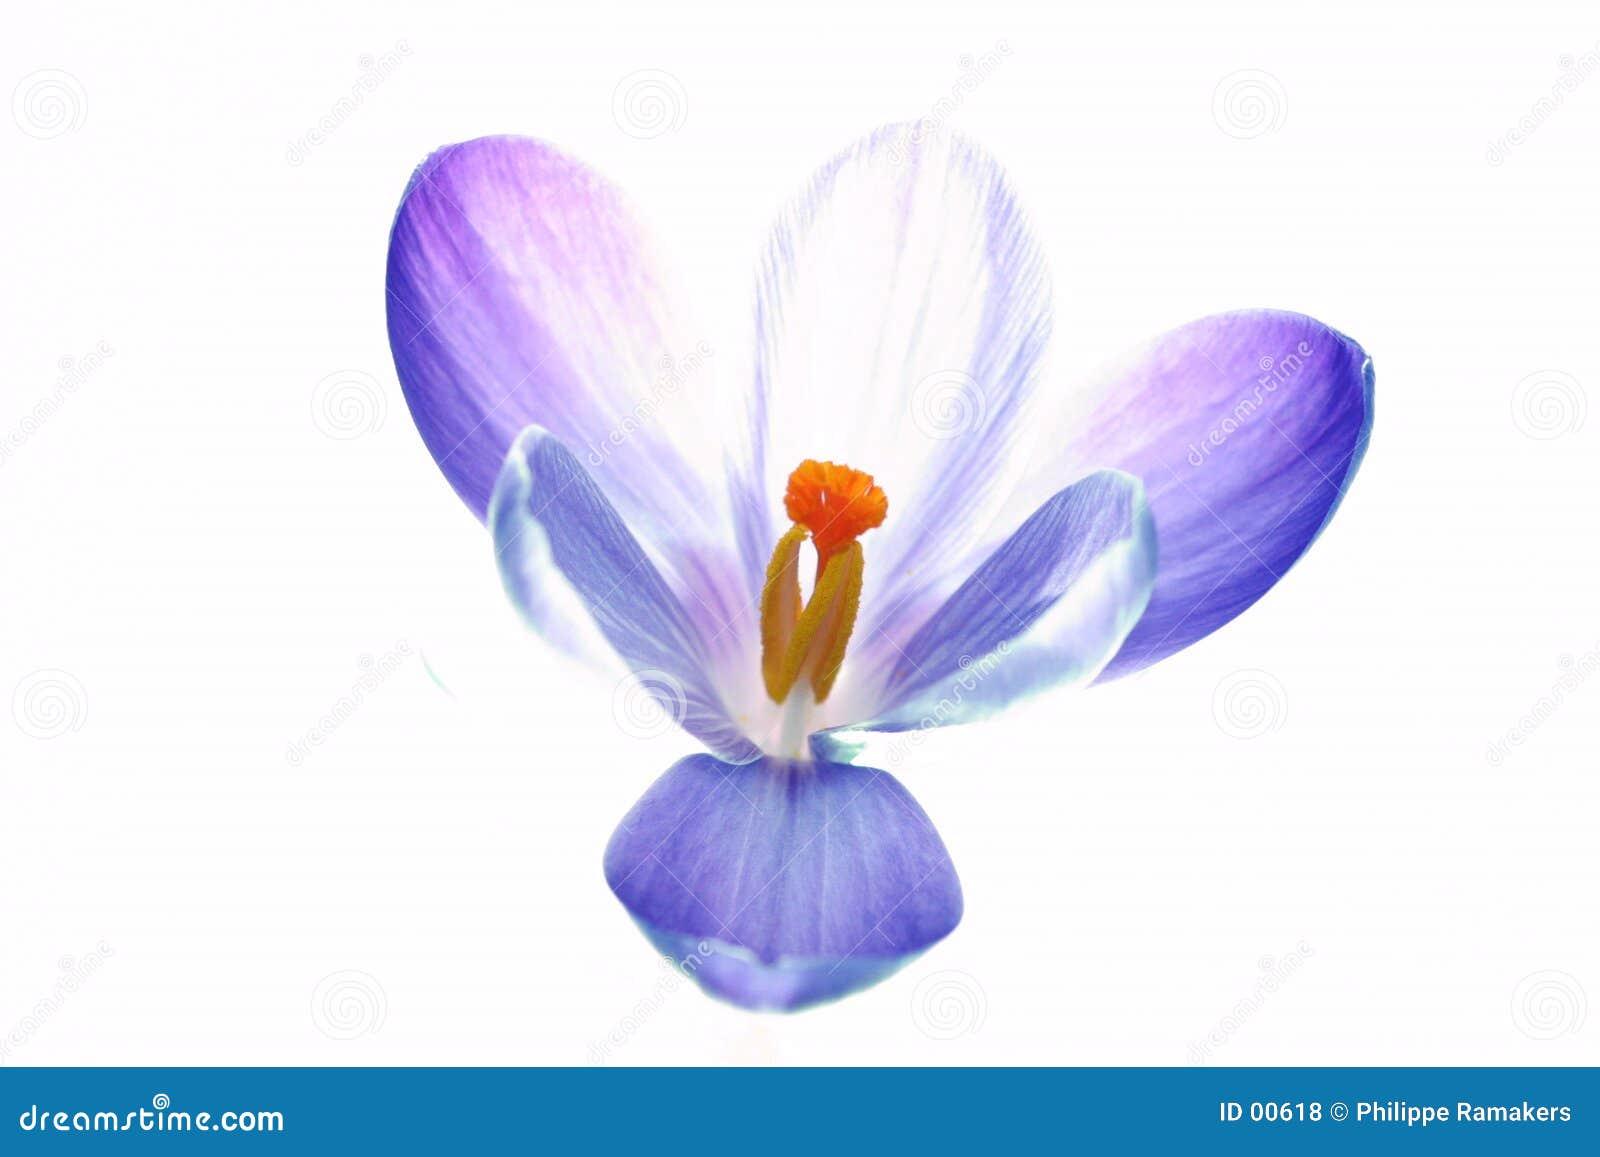 цветок крокуса чисто